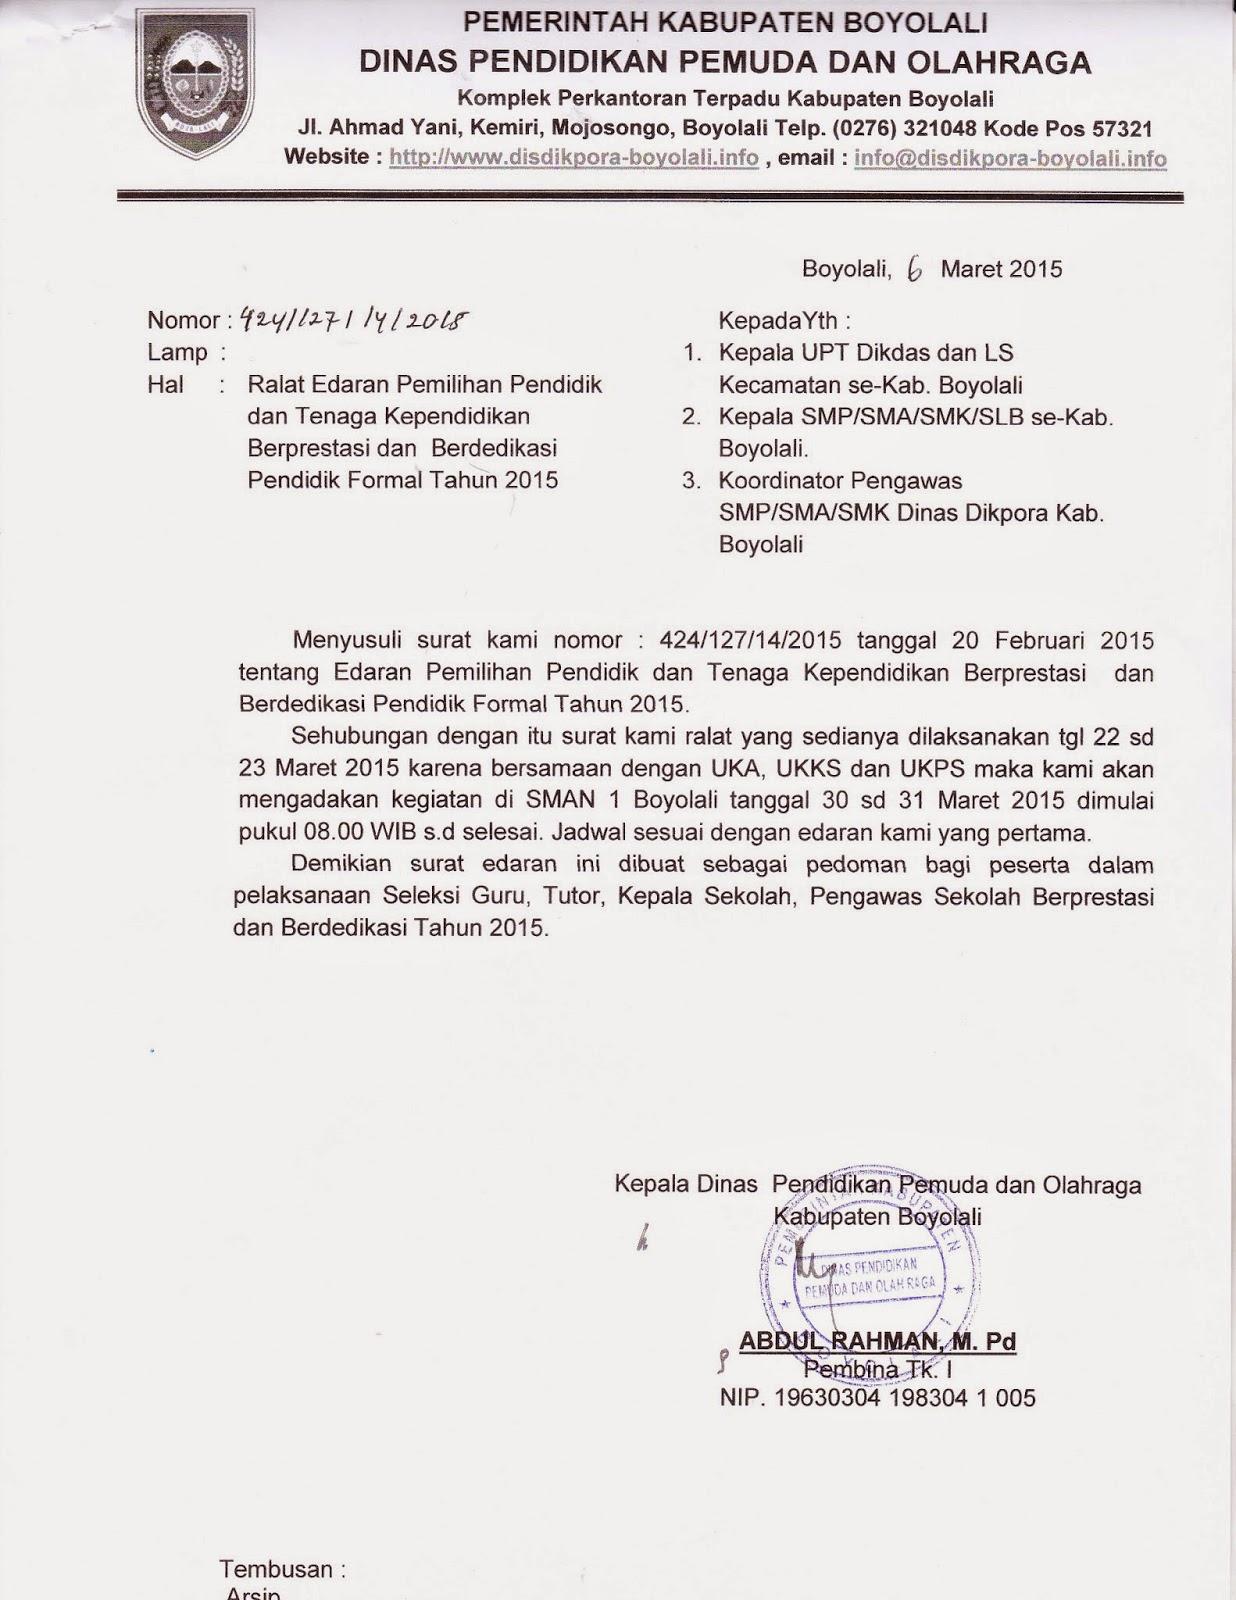 Info Sma Smk Kabupaten Boyolali Ralat Edaran Pemilihan Pendidik Dan Tenaga Kependidikan